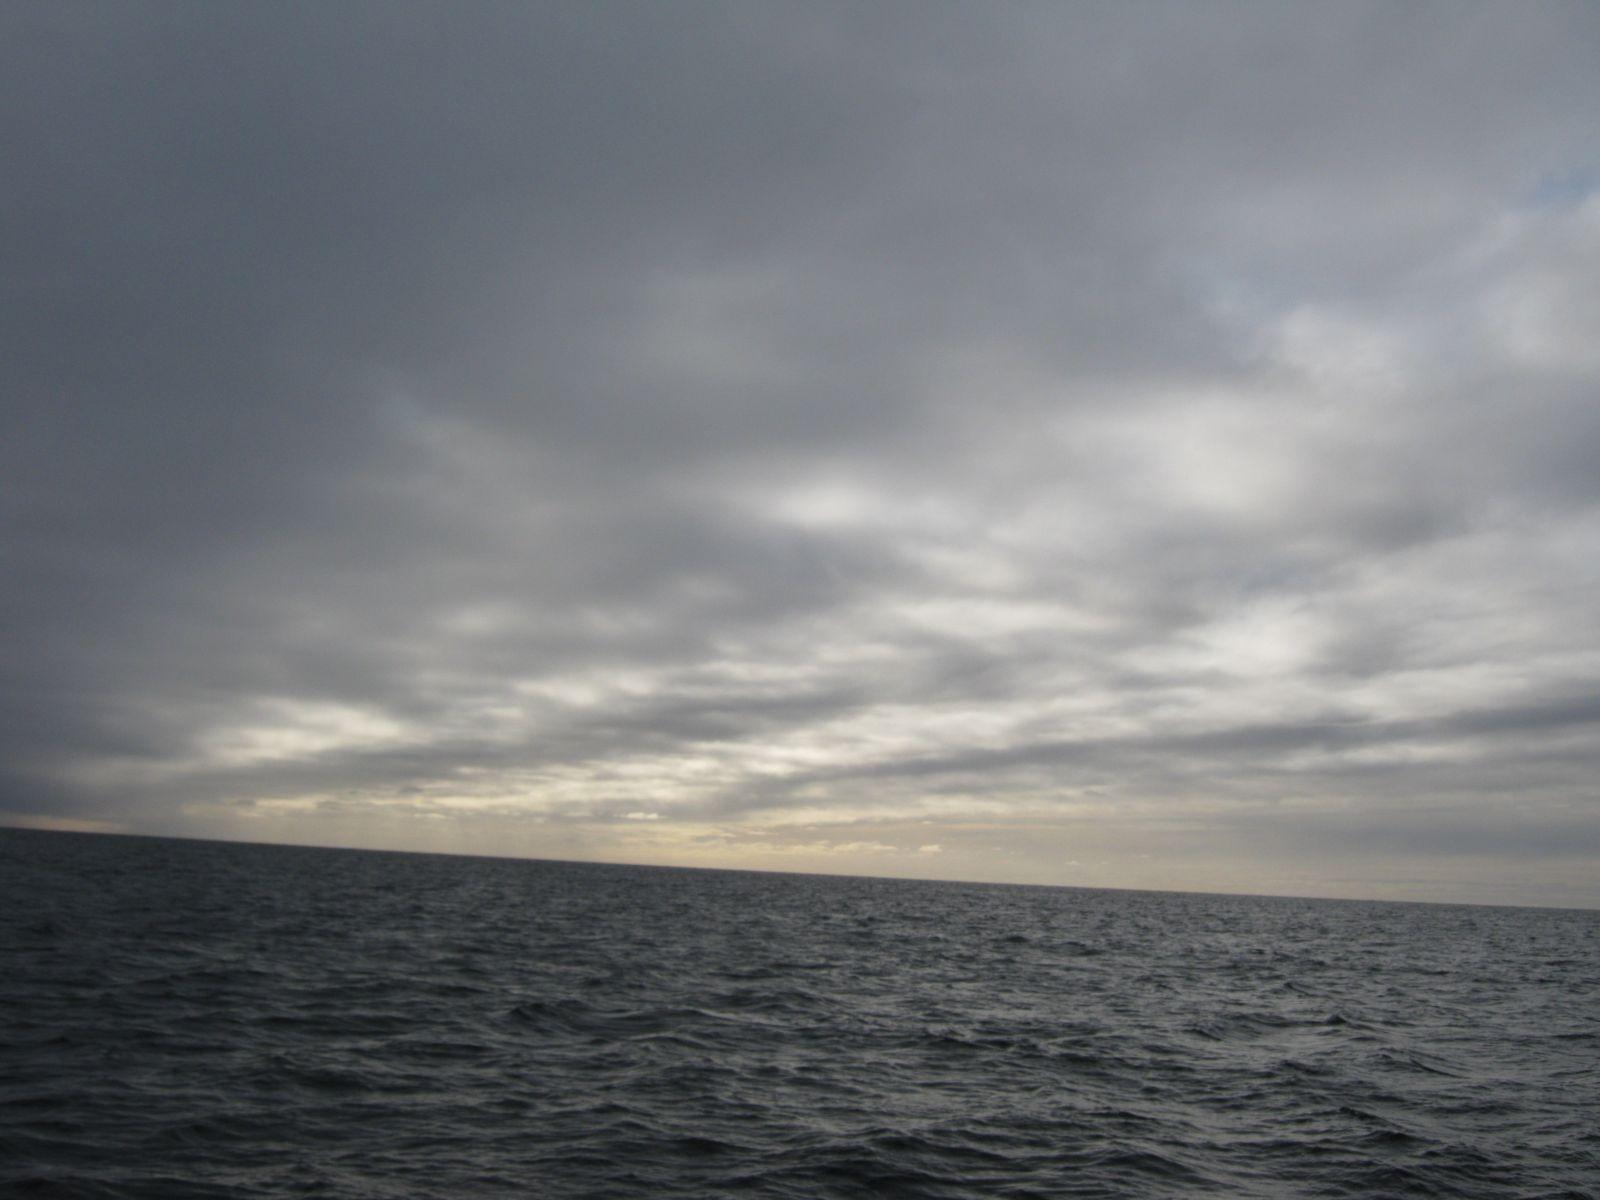 2009-10-24-1332_Sejltur